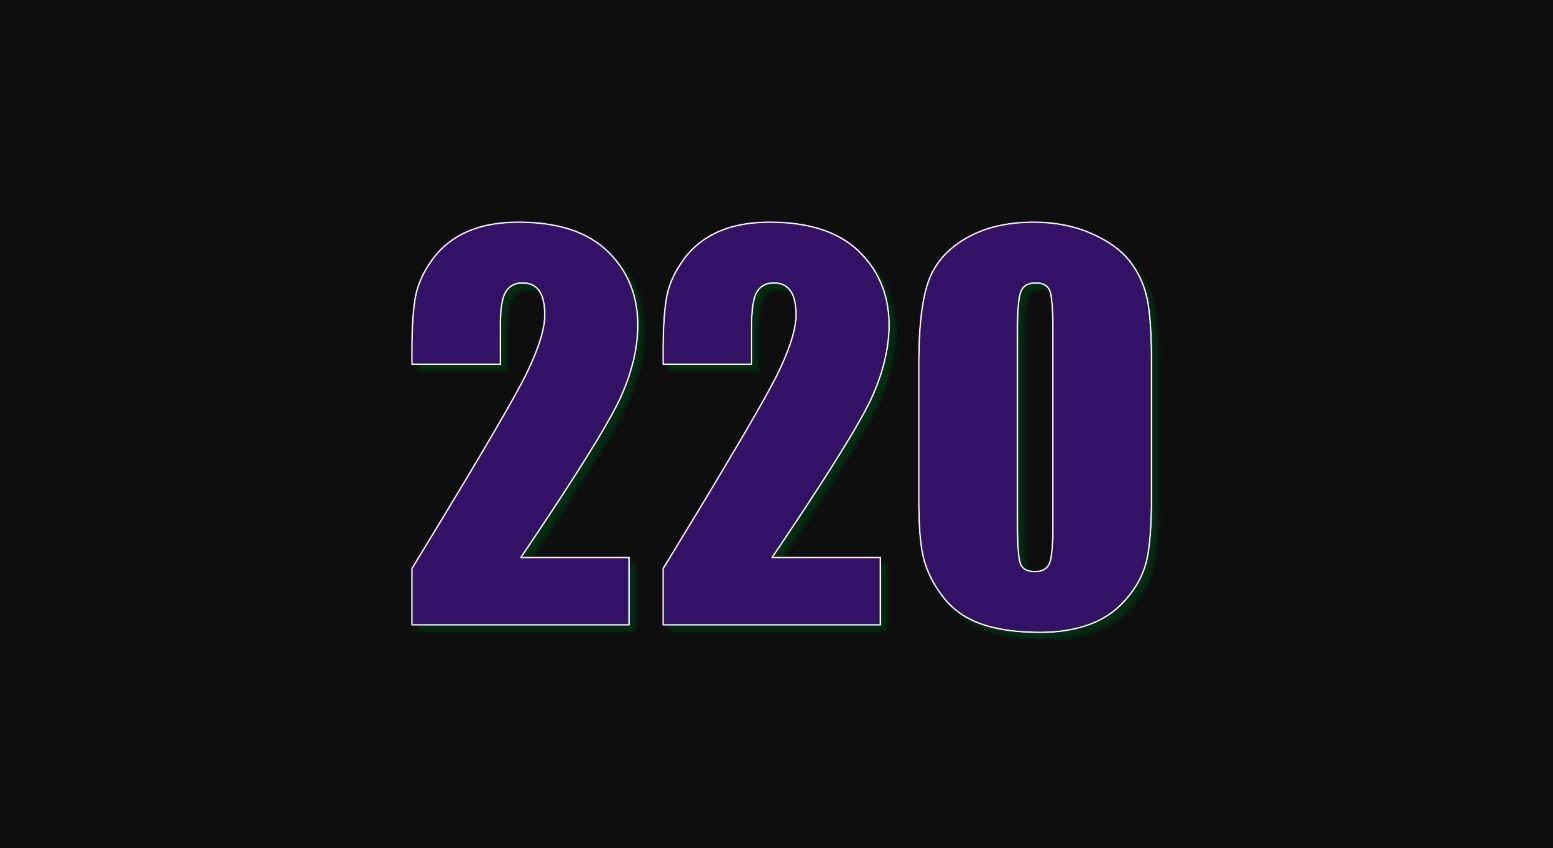 Die Bedeutung der Zahl 220